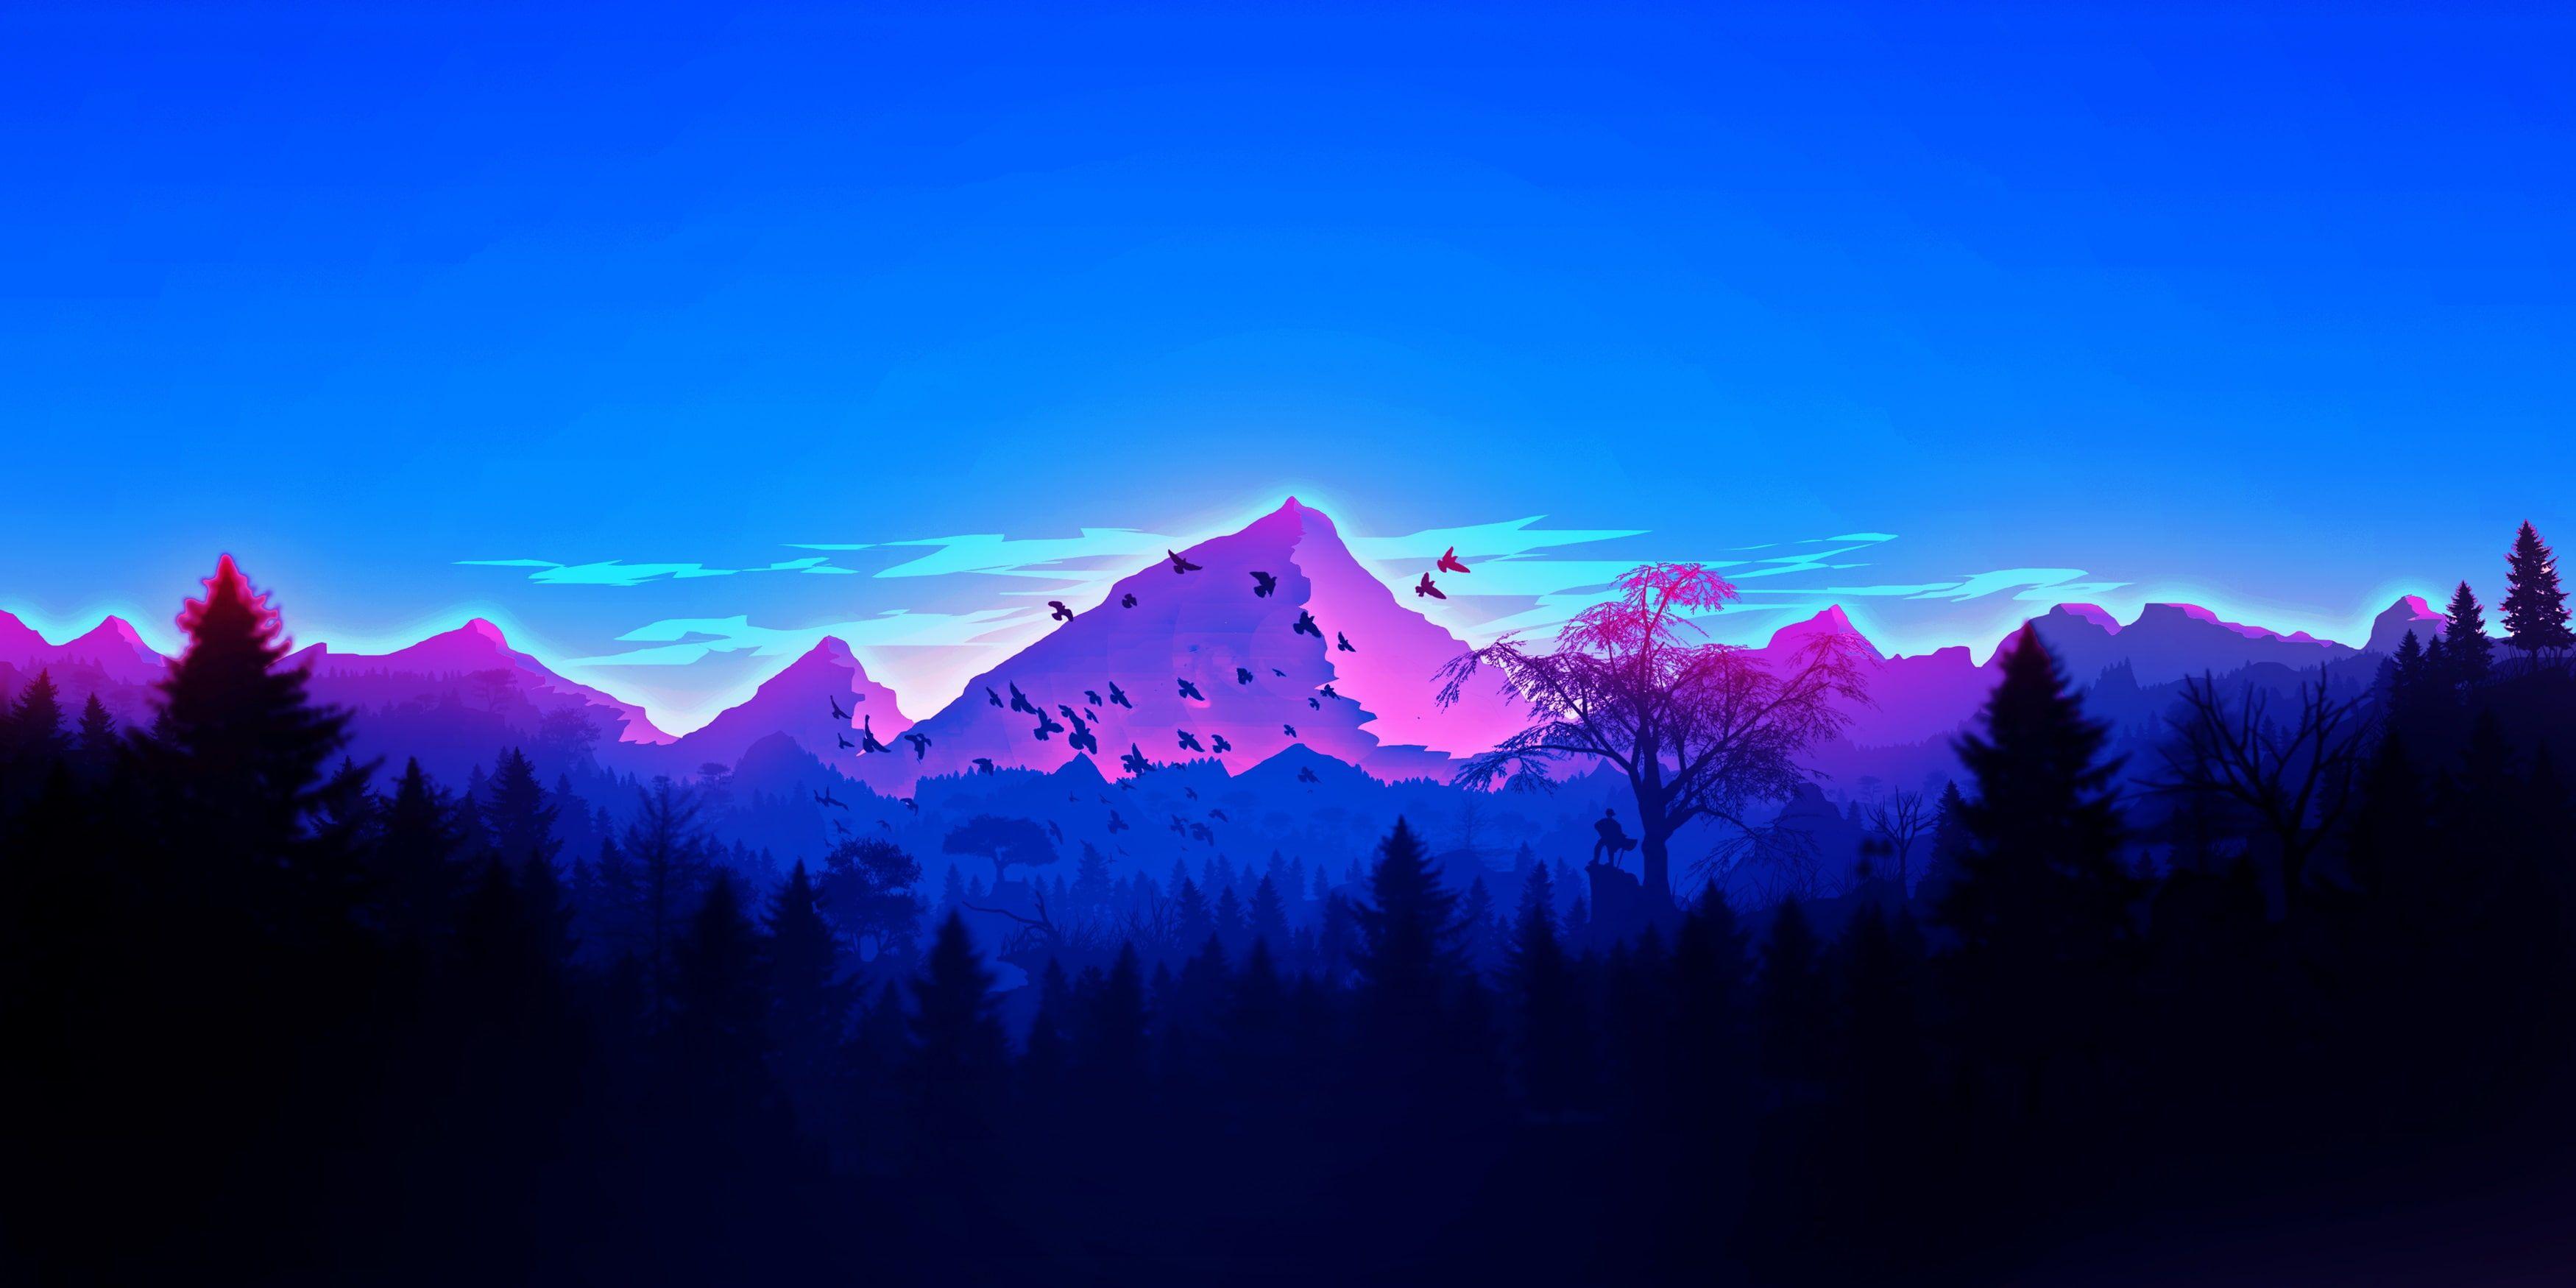 Artwork Landscape Mountains Forest Men Minimalism Vaporwave 2k Wallpaper Hdwallpaper Desktop In 2020 Vaporwave Wallpaper Minimalist Wallpaper Artwork